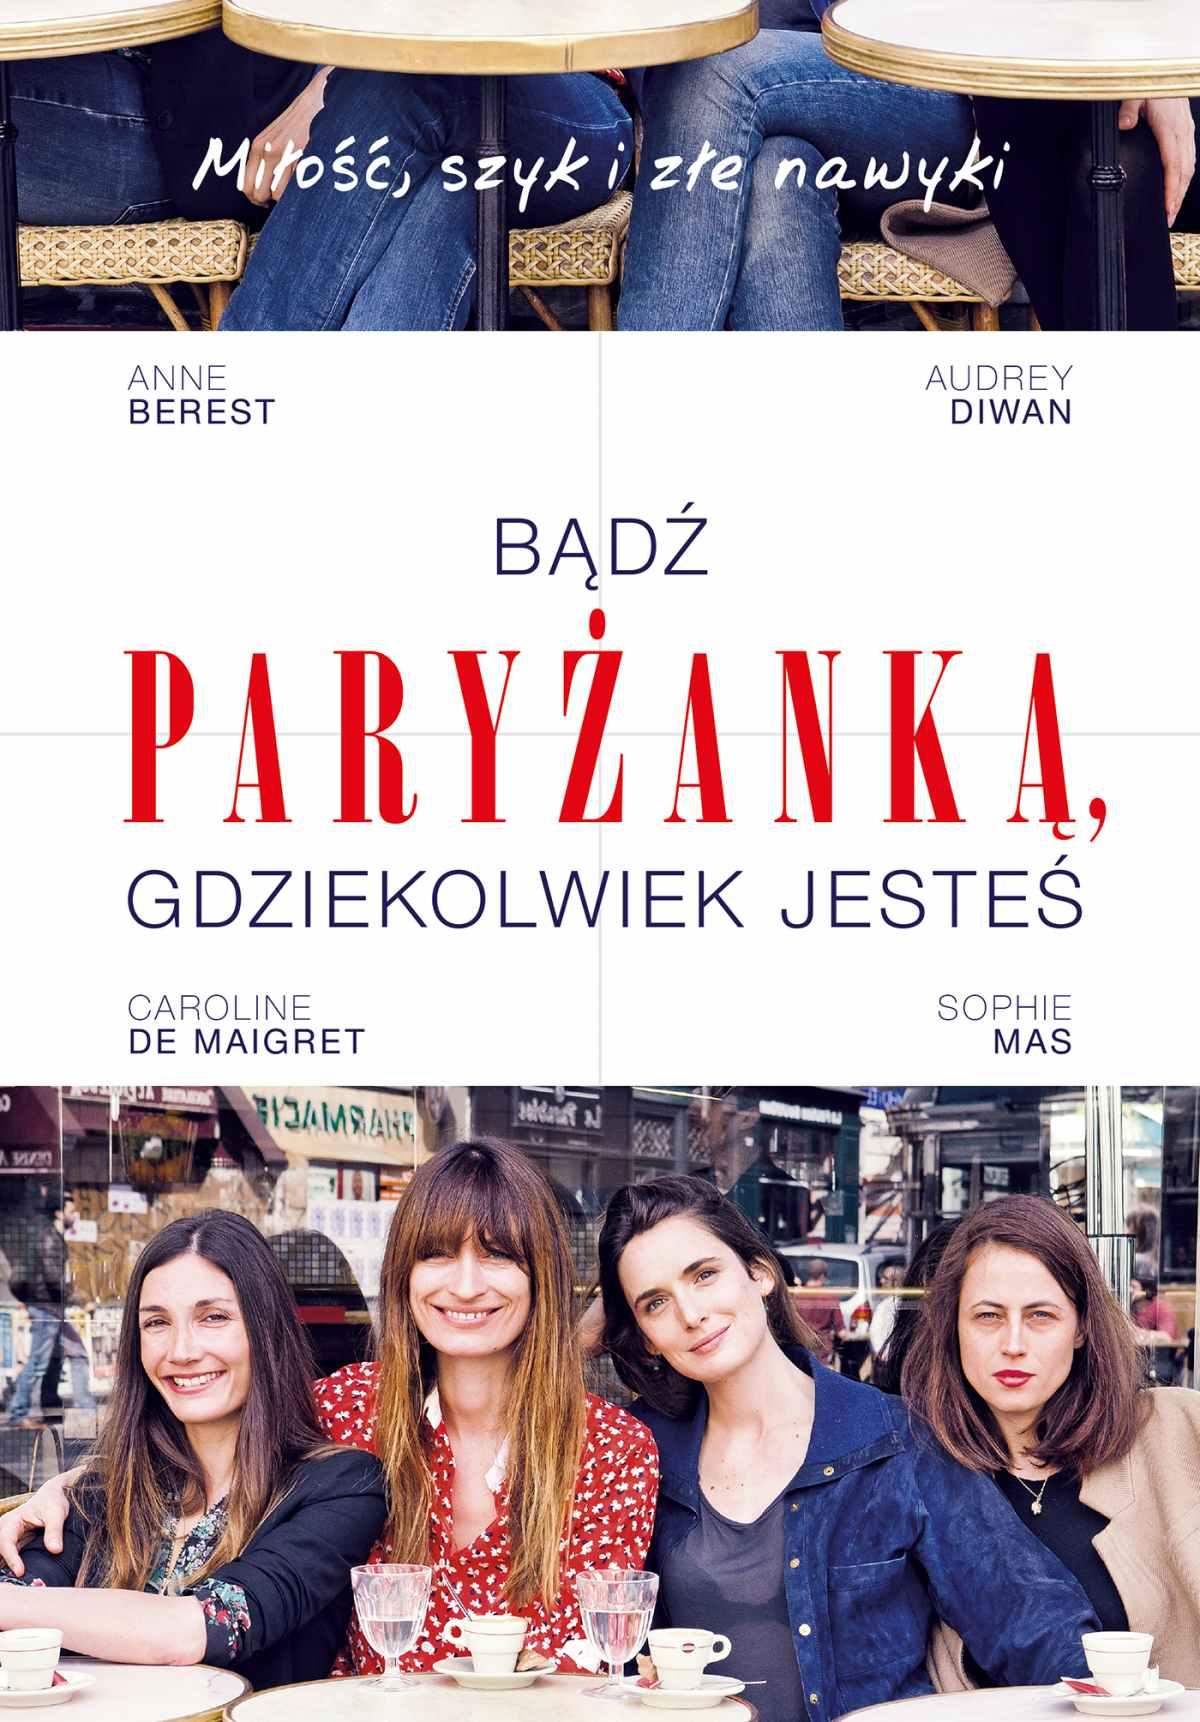 Bądź paryżanką, gdziekolwiek jesteś - Ebook (Książka na Kindle) do pobrania w formacie MOBI